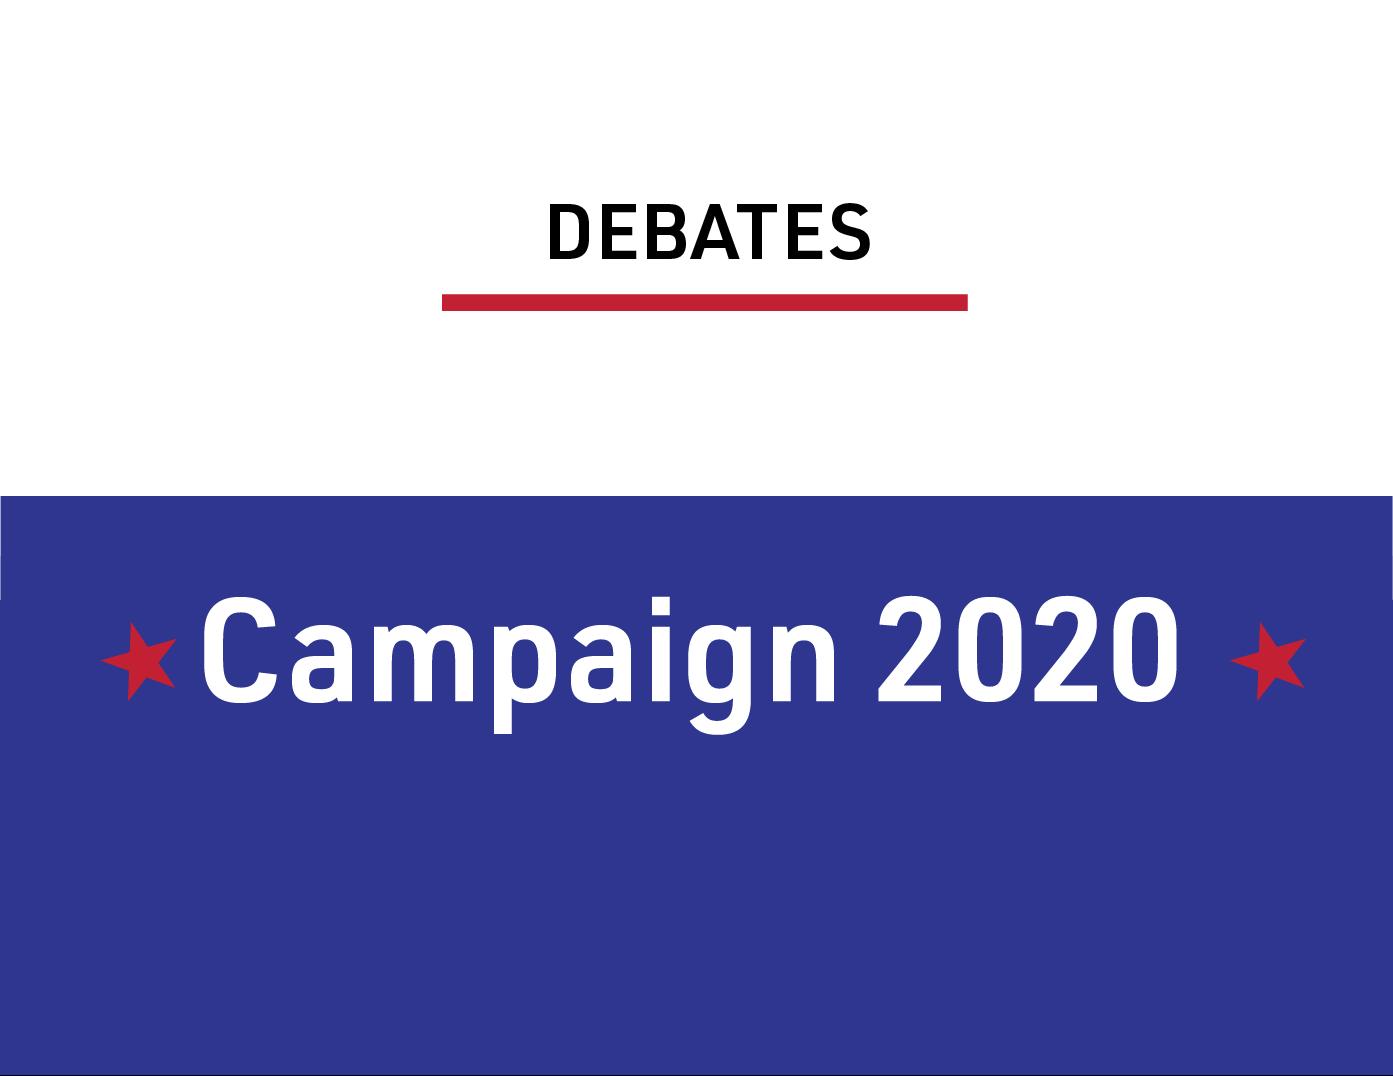 debatewatch